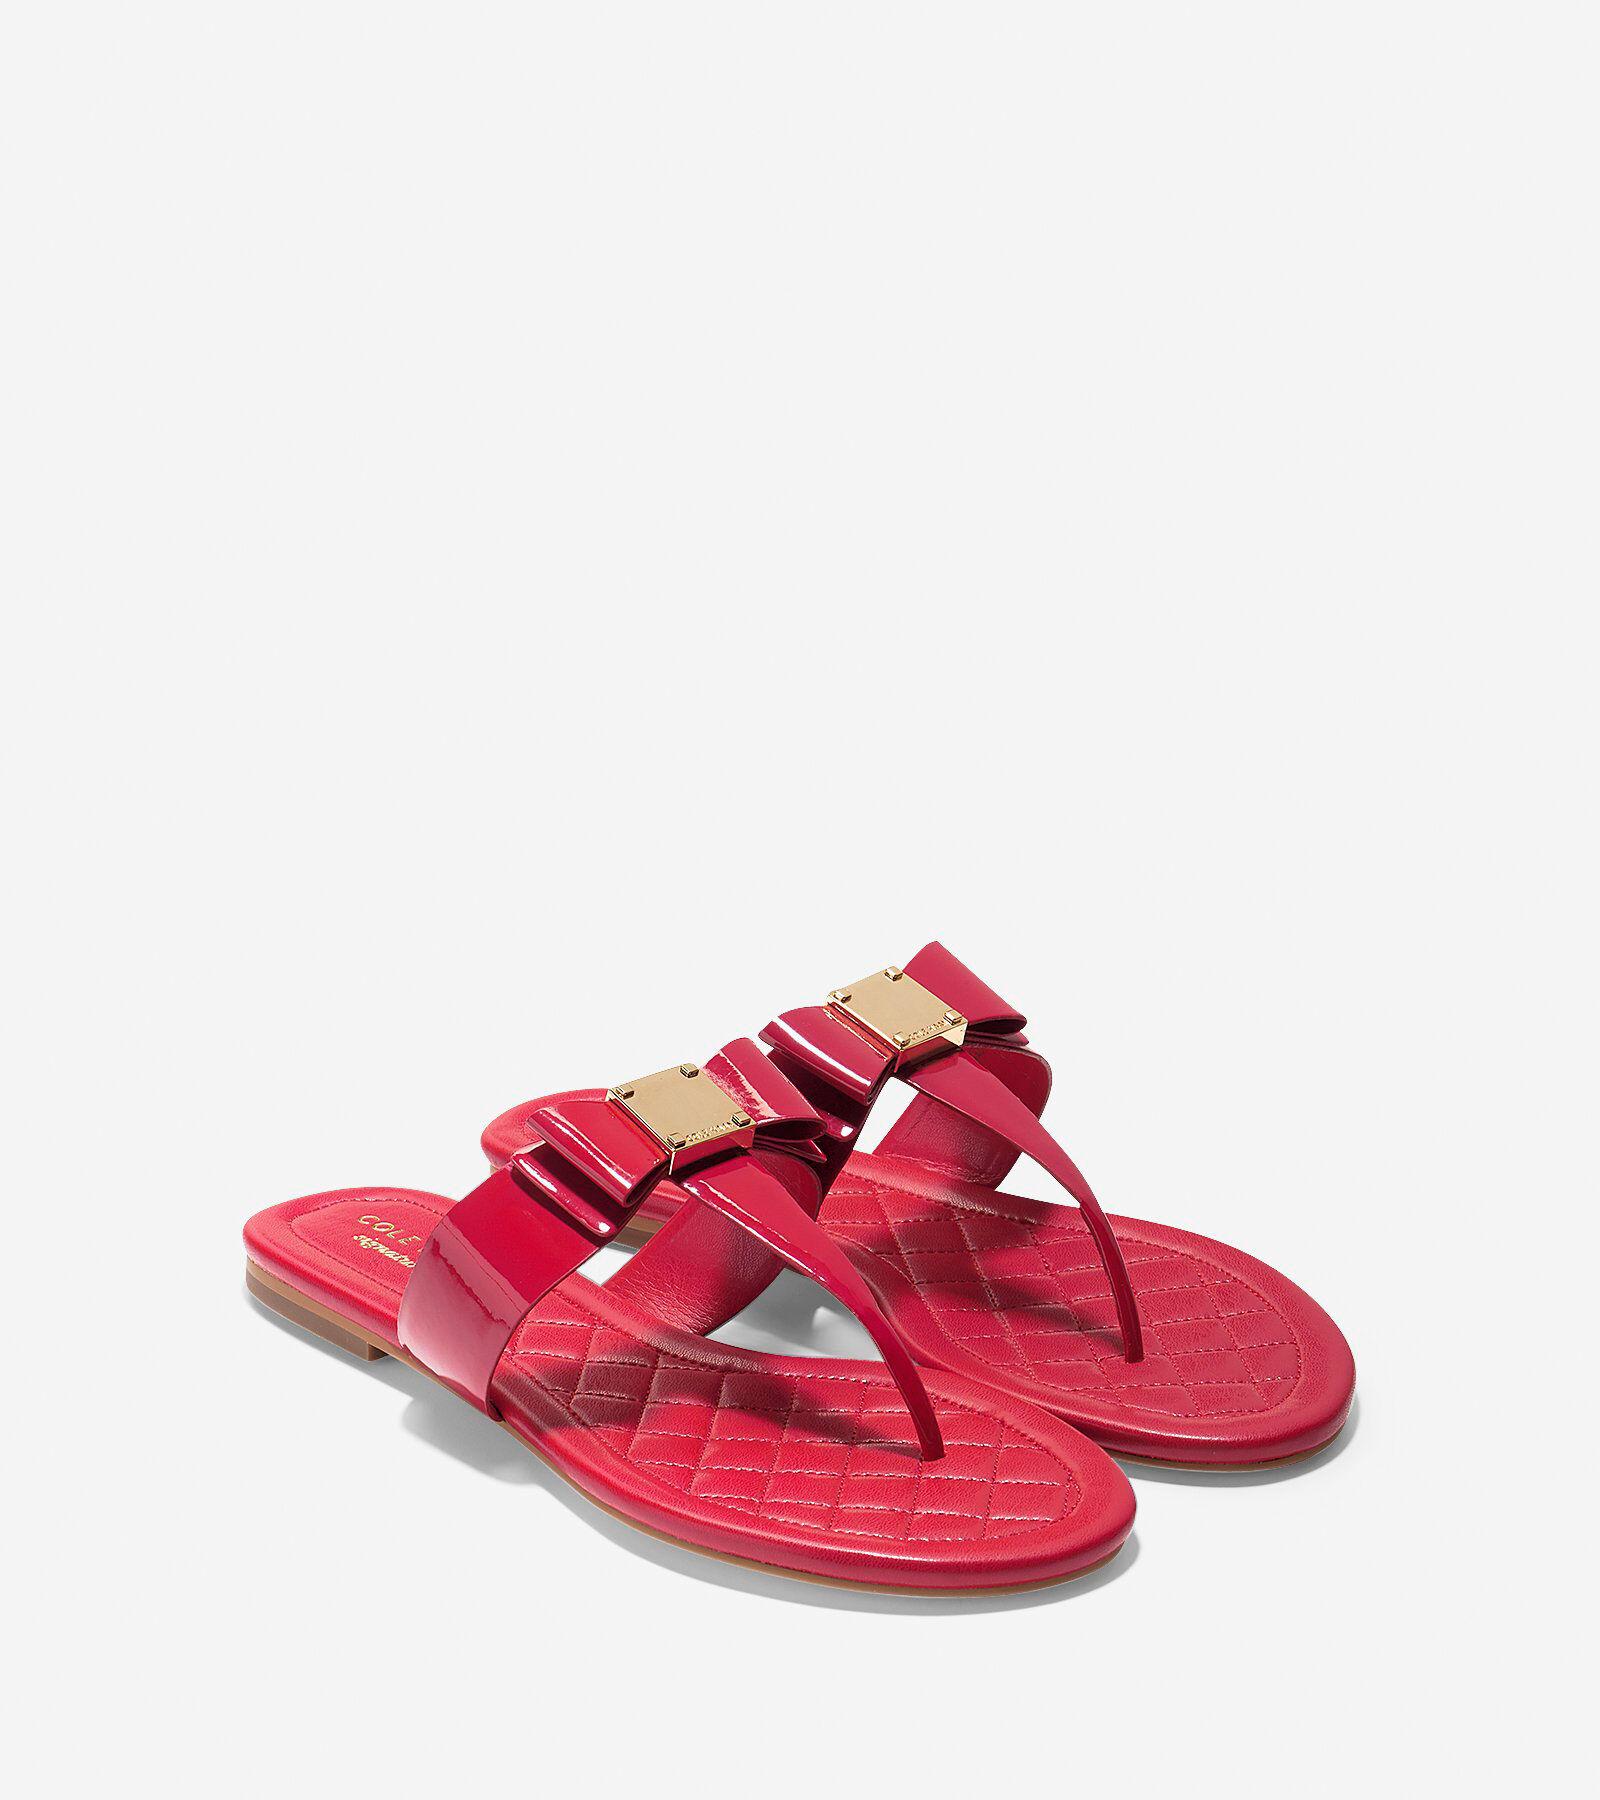 ... Tali Bow Flat Sandal; Tali Bow Flat Sandal. #colehaan